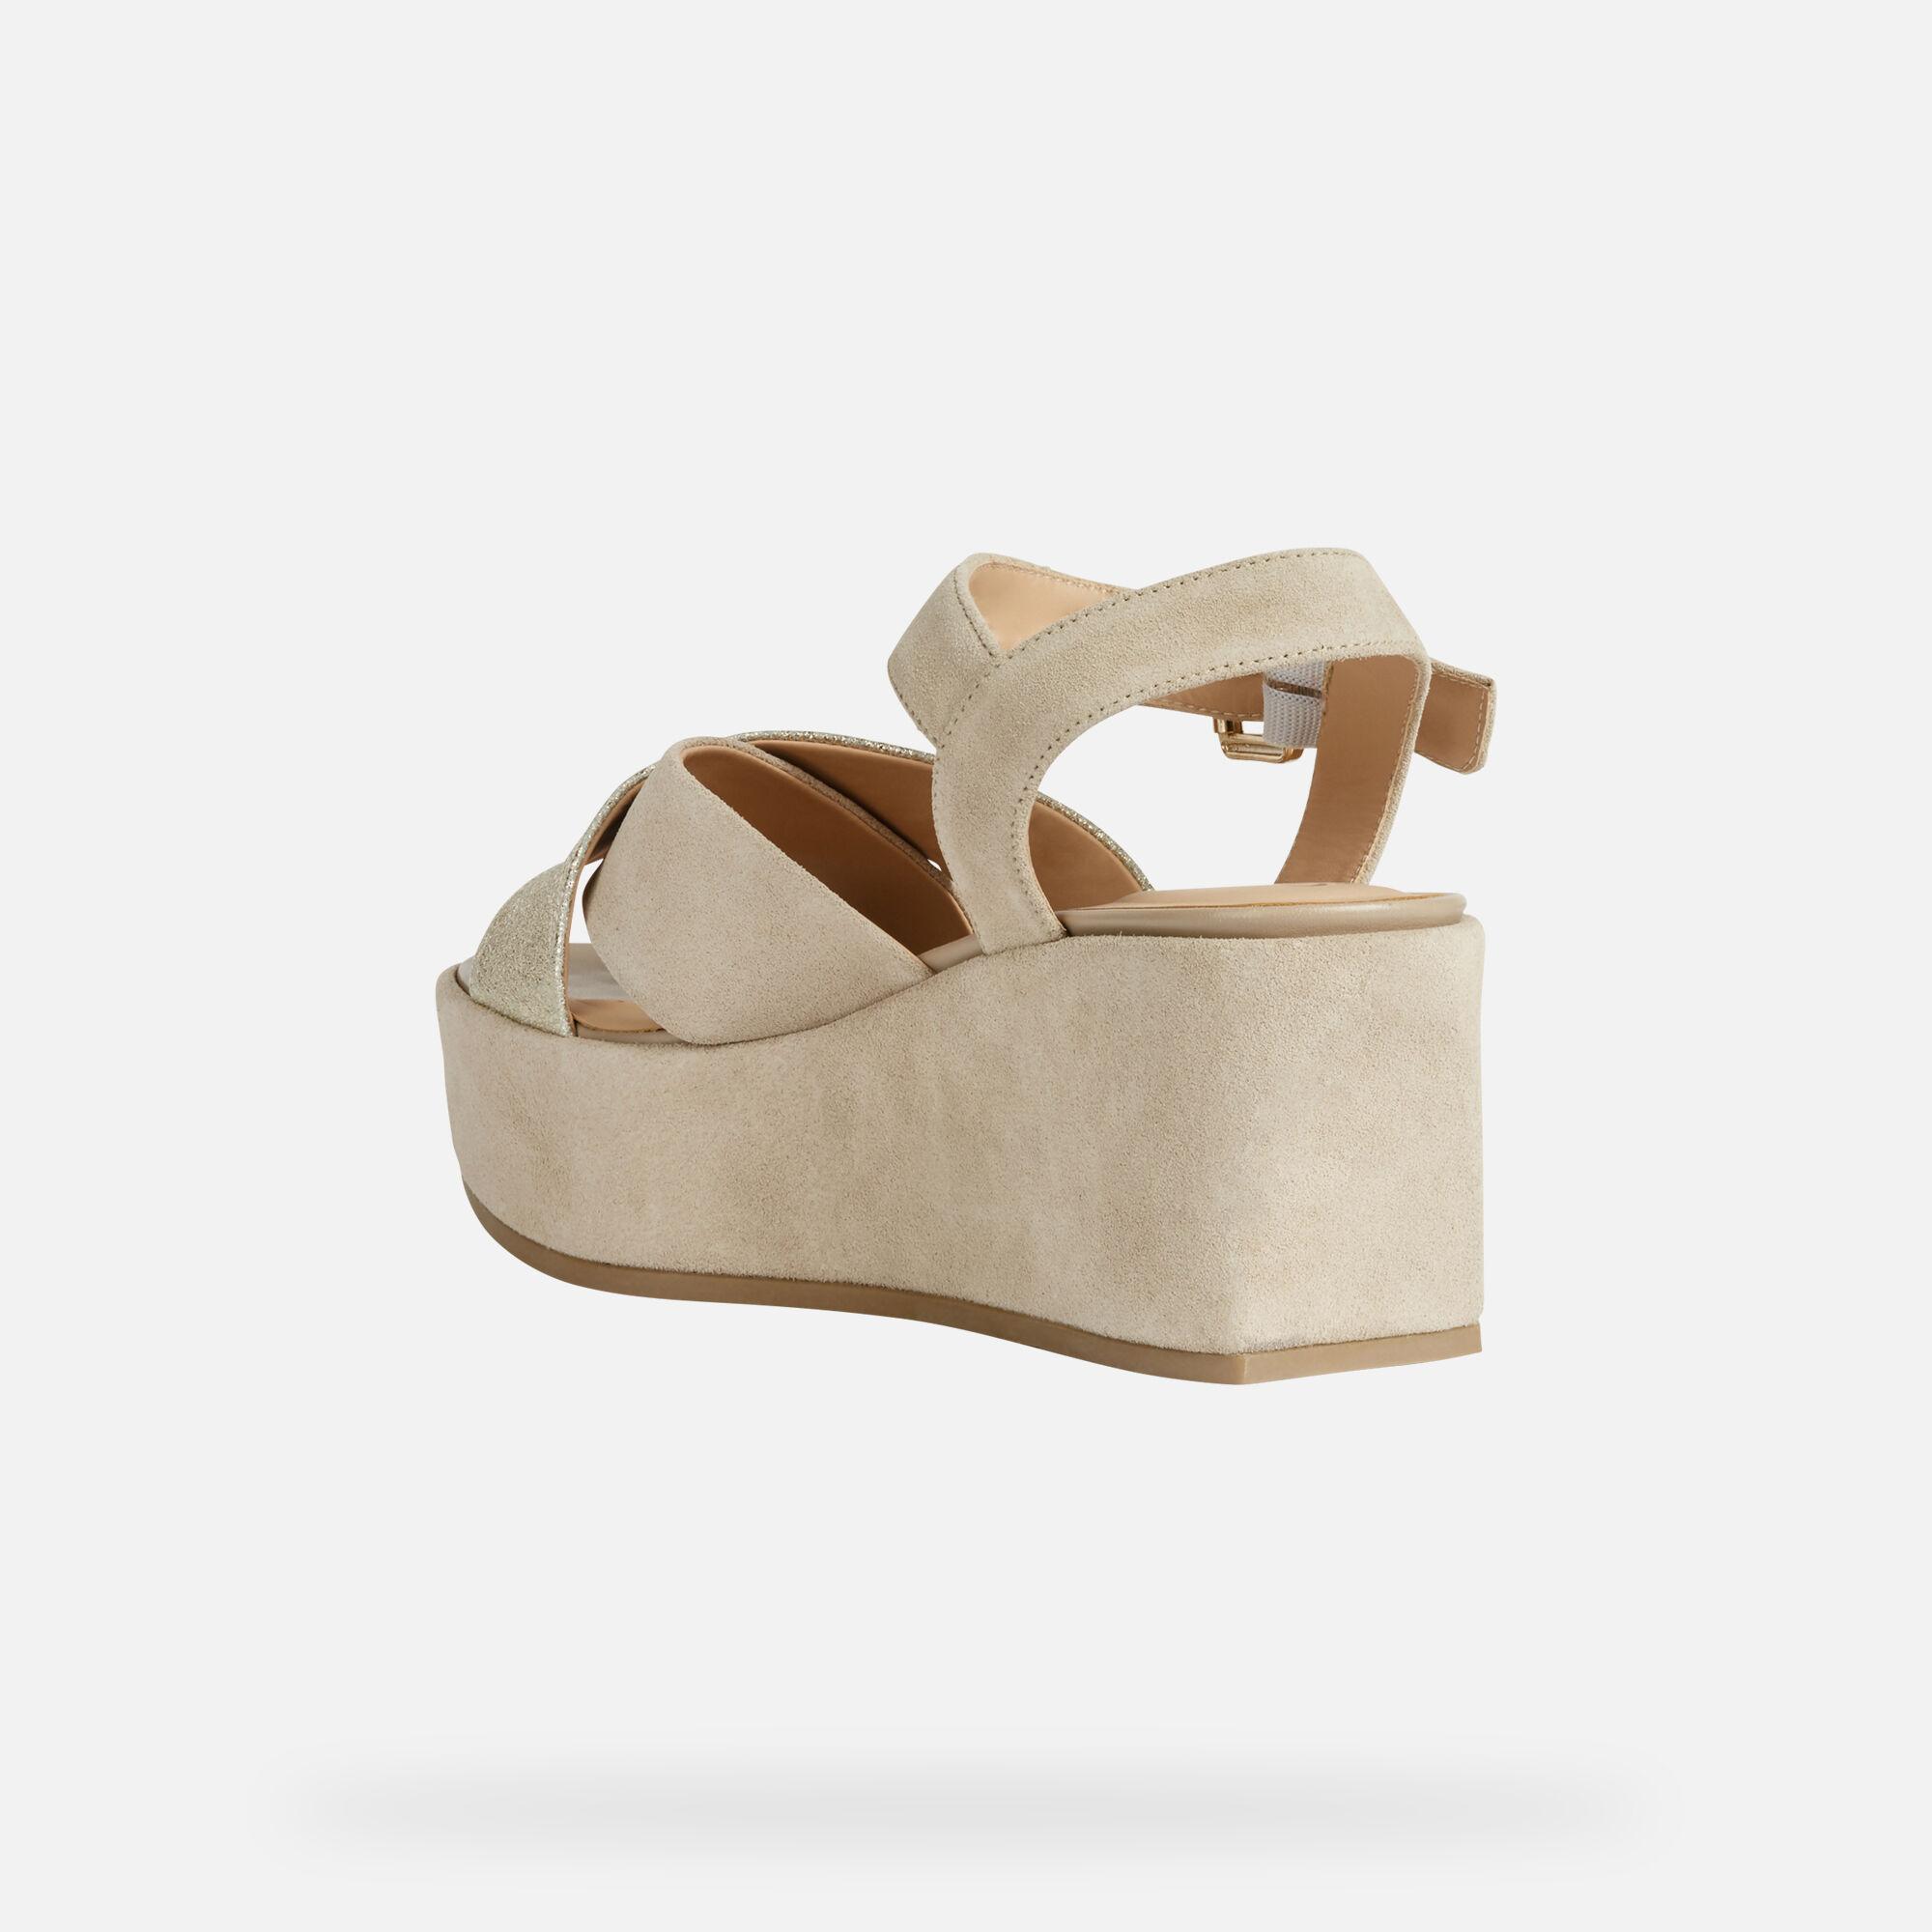 Zerfie FemmeGeox Zerfie Chaussures Compensées De Compensées De FemmeGeox Chaussures Nn8OP0wvmy